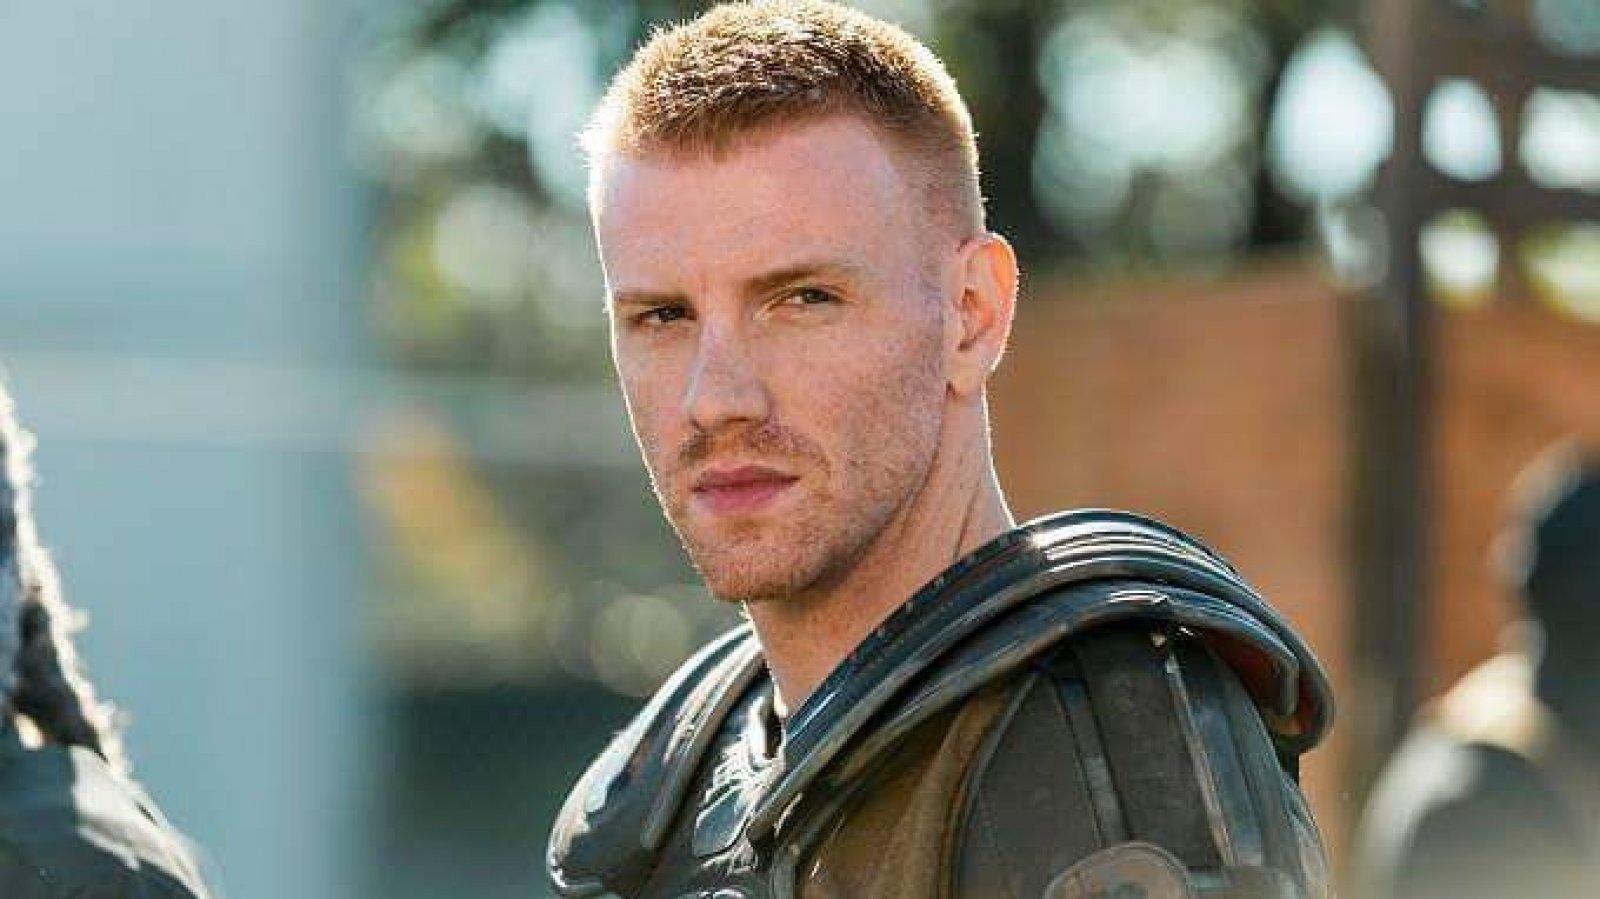 El joven actor es conocido por su papel en la exitosa serie The Walking Dead.